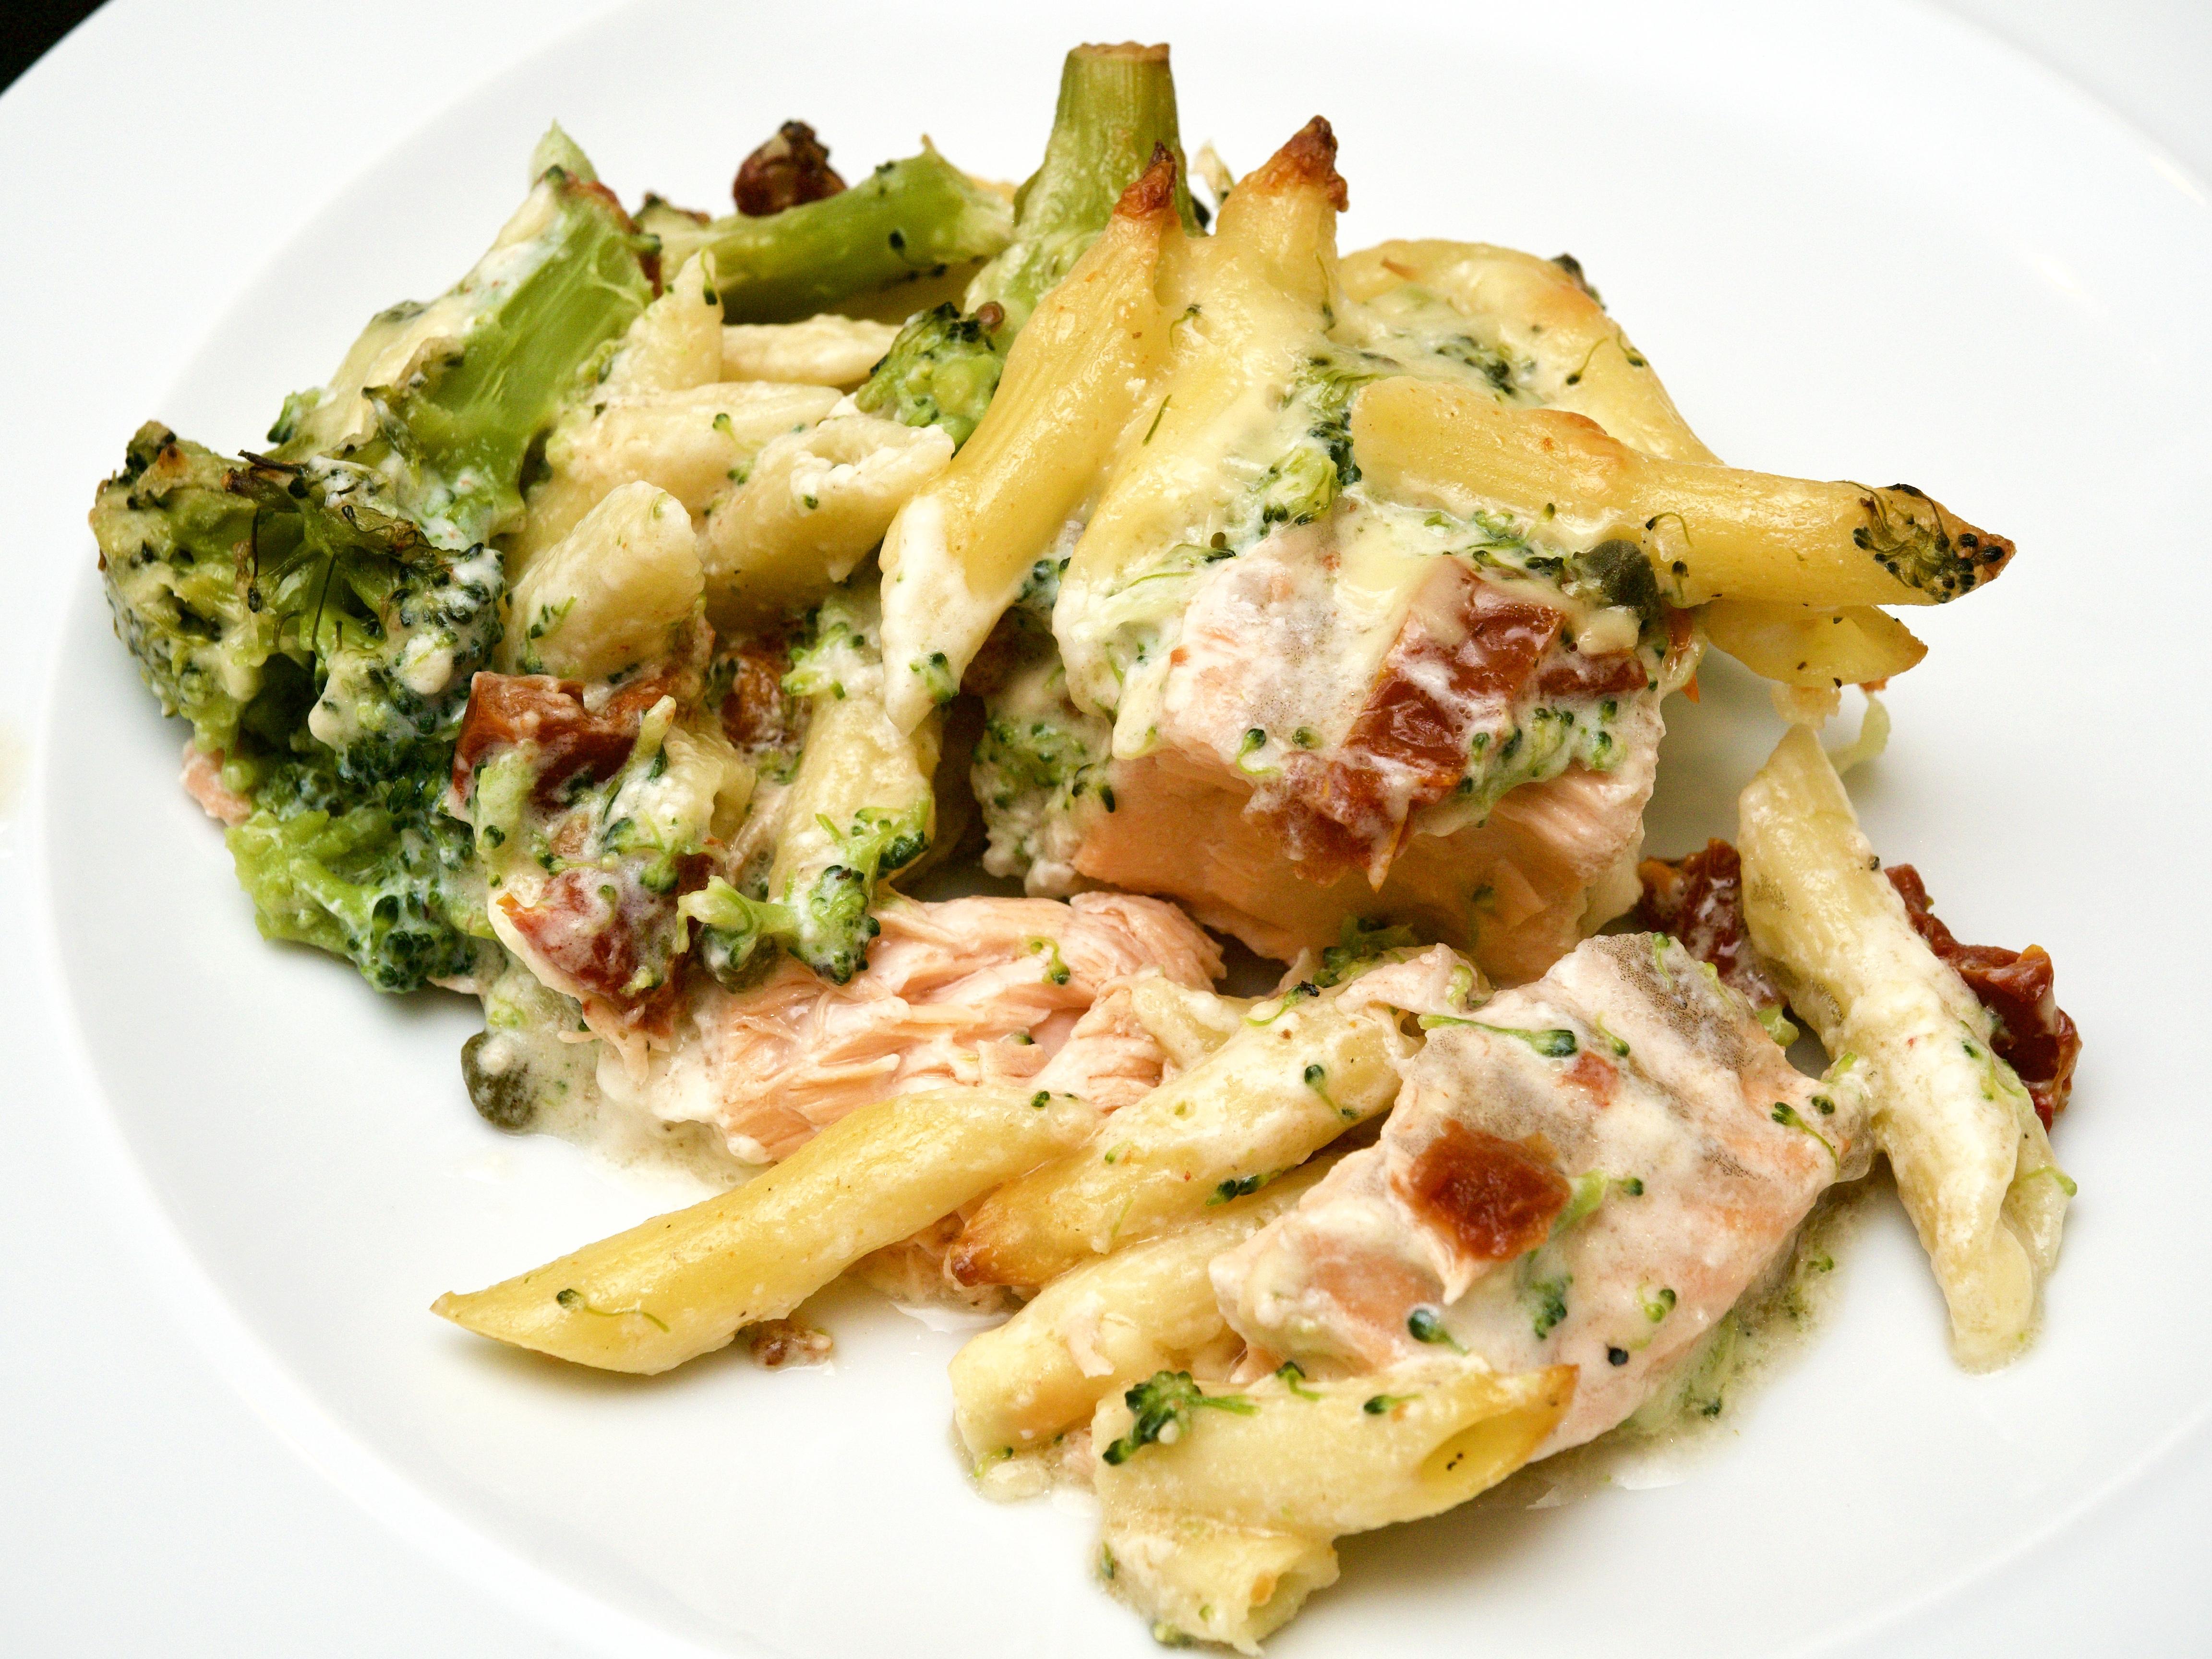 Broccoli & salcmon bake